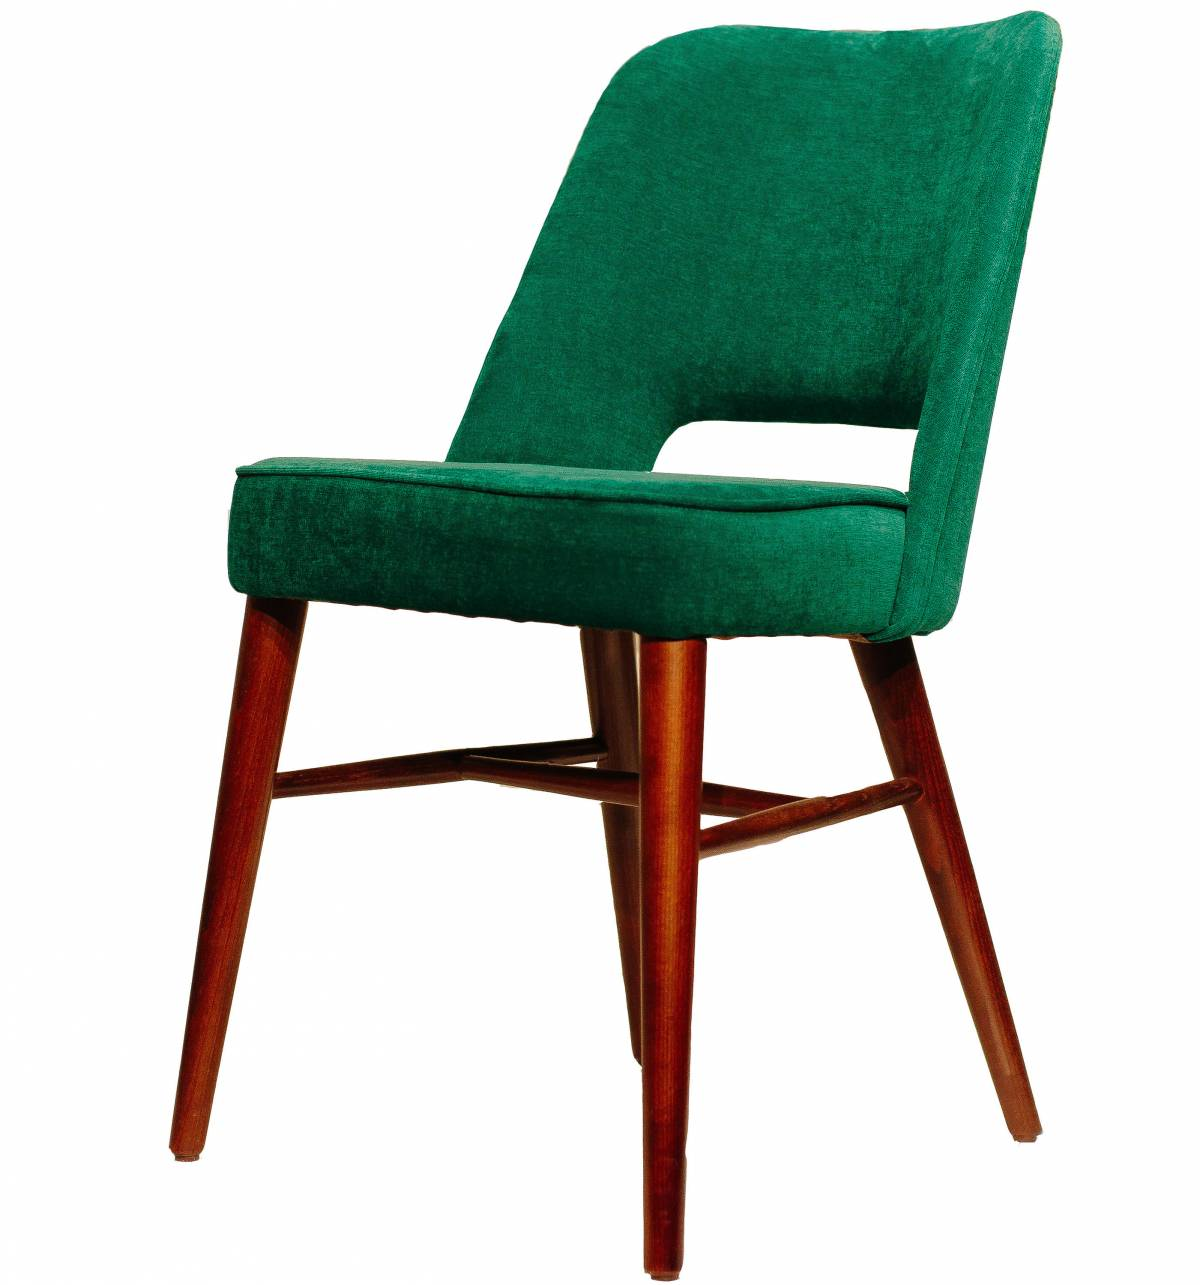 Купить стул Shell в Raroom